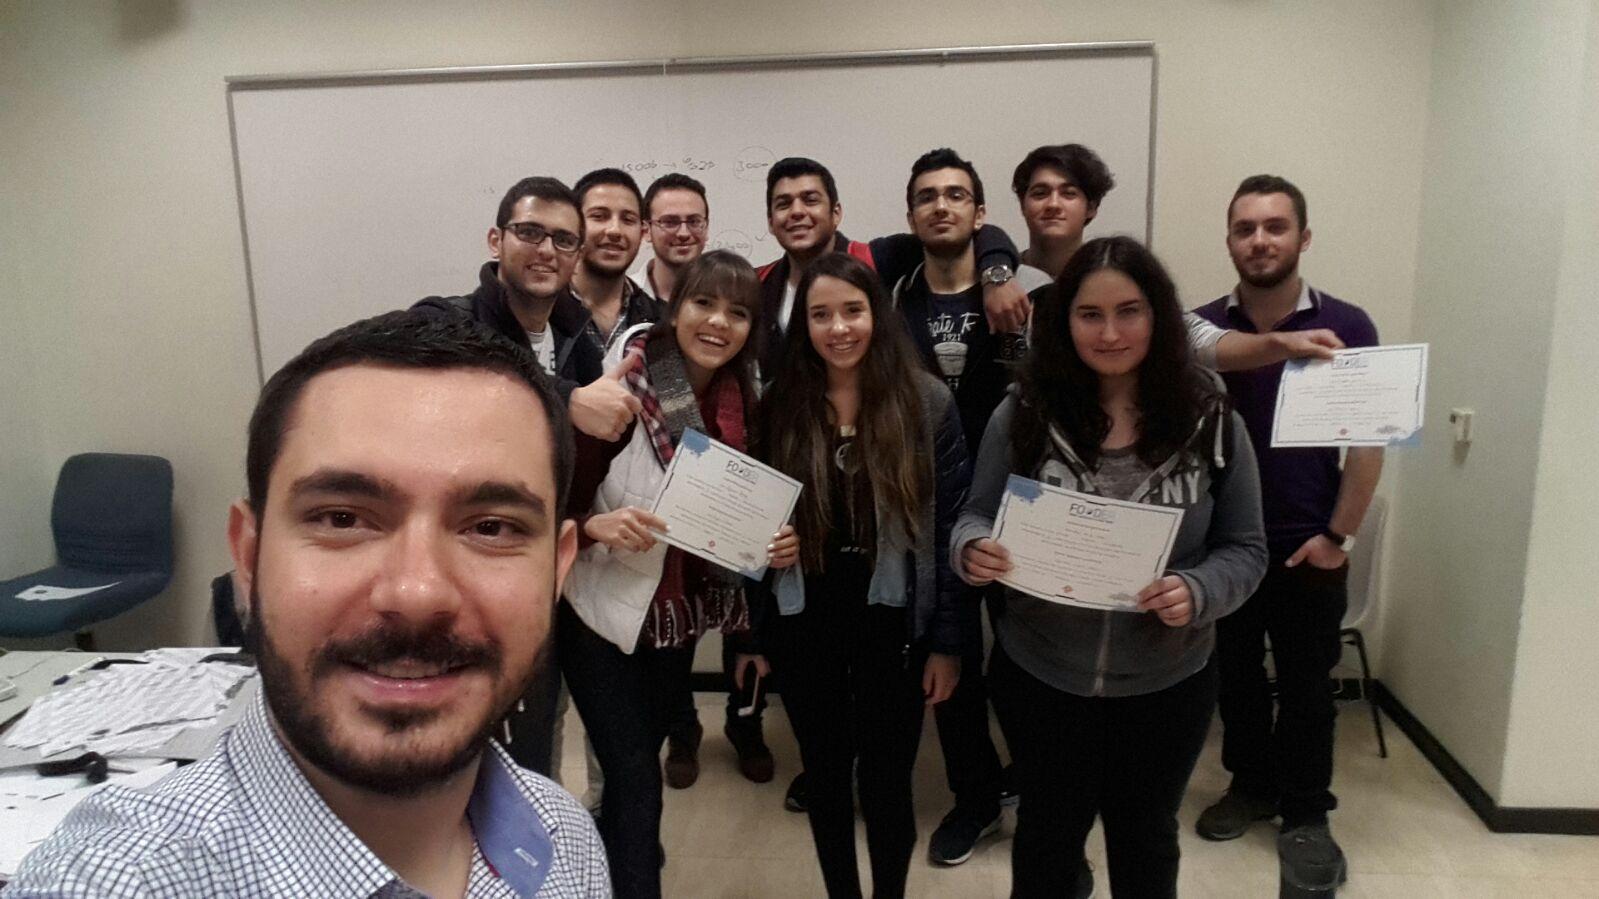 """Sabancı Üniversitesi Öğrencilerine """"Parayön"""" Projesi İle Finansal Okuryazarlık Eğitimleri Verildi"""